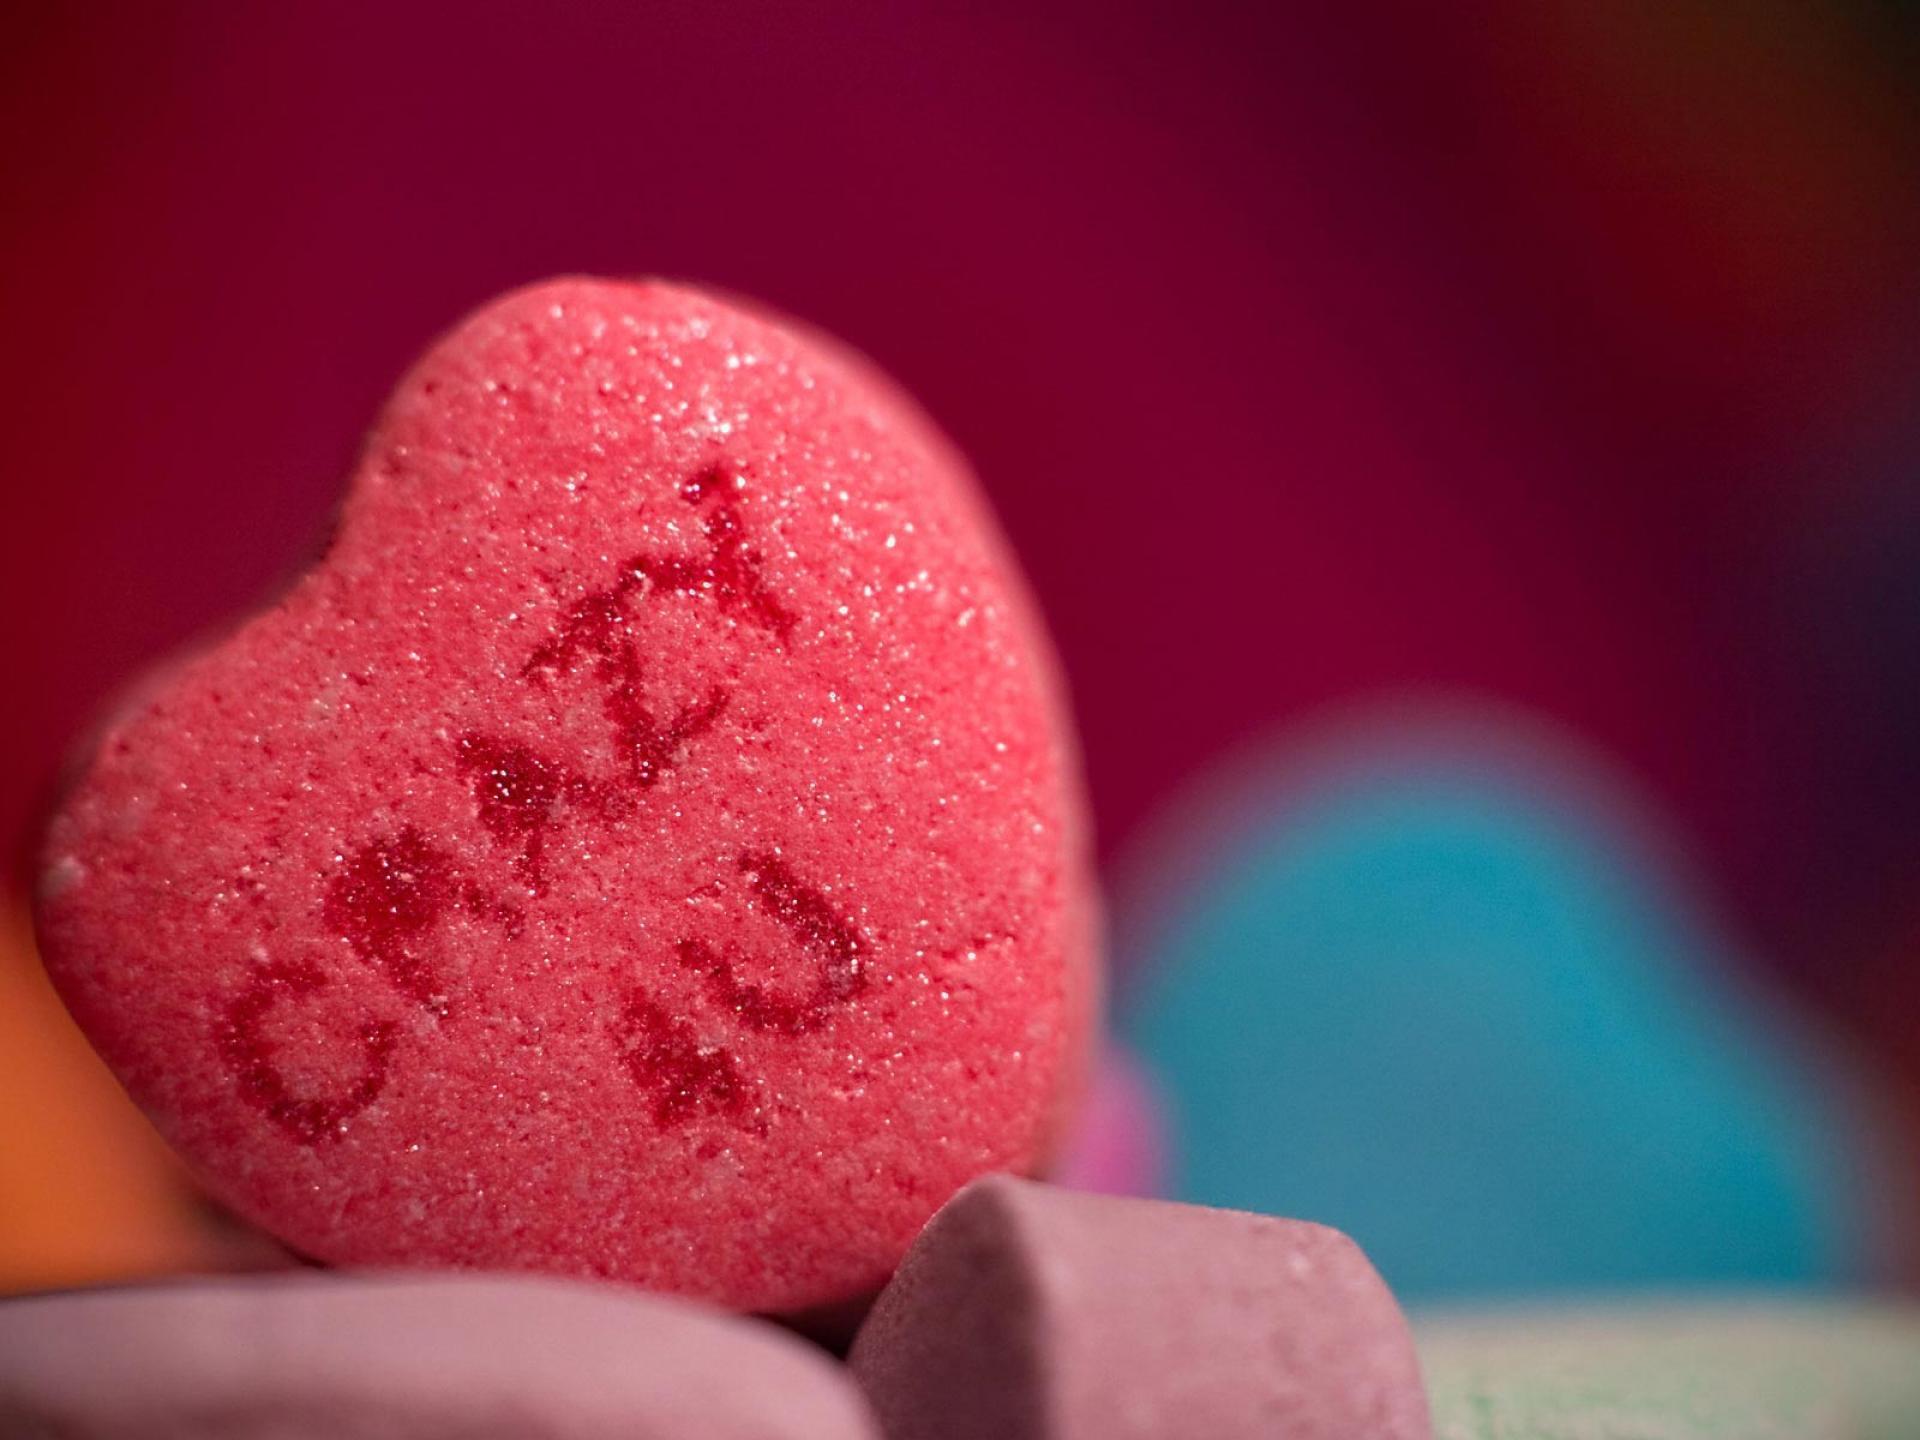 صور قلوب وحب ورومانسية وصورة قلب HD  (42)